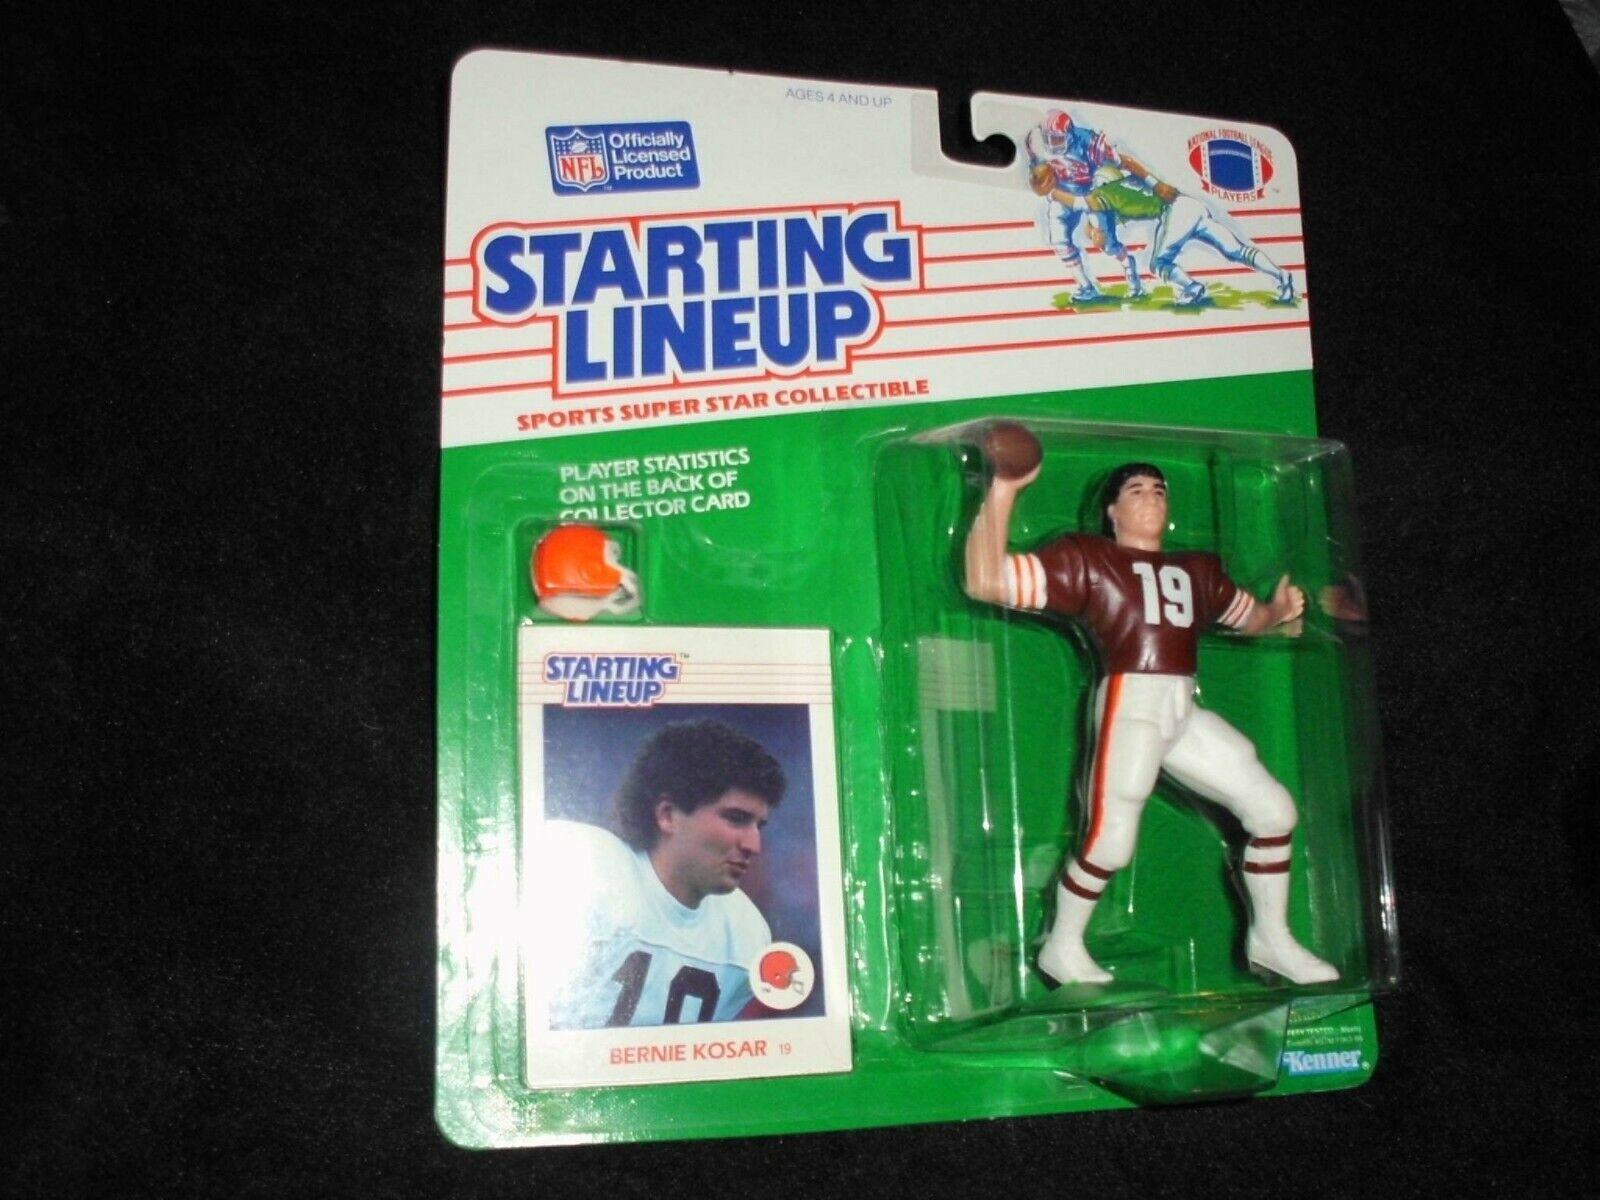 1988 SLU Bernie Kosar Cleveland brauns Rare in a Crisp Package 020219